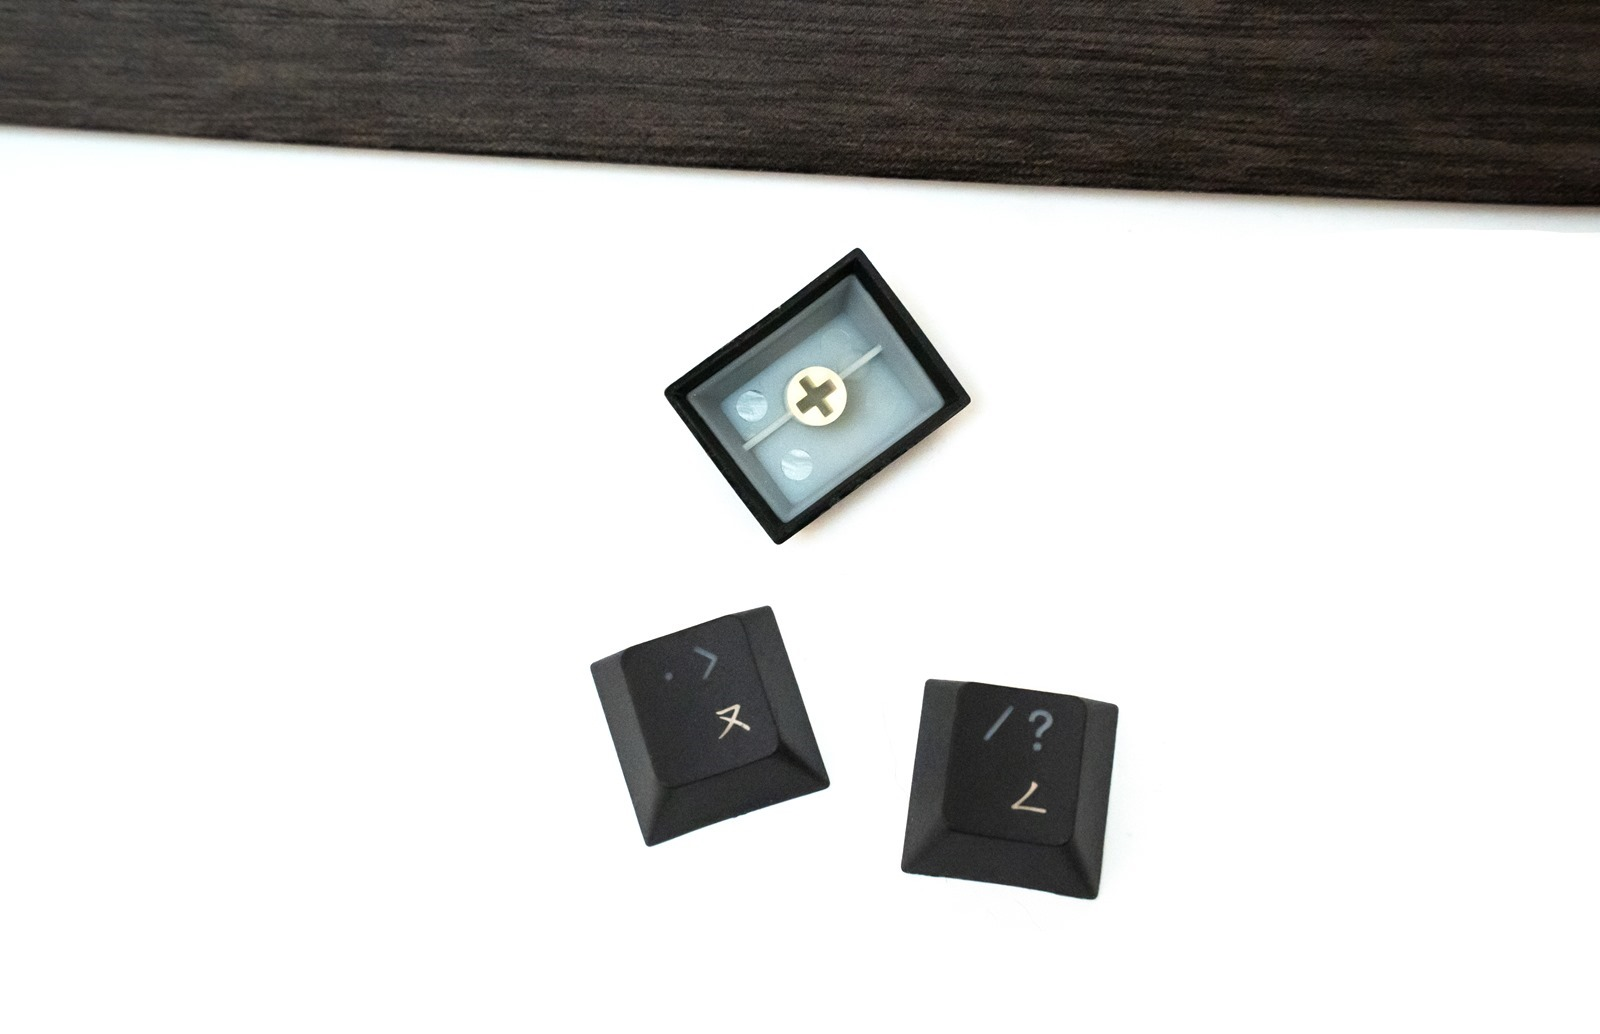 木紋經典融合科技!i-Rocks 艾芮克 K72E RGB 電容式鍵盤開箱 @3C 達人廖阿輝